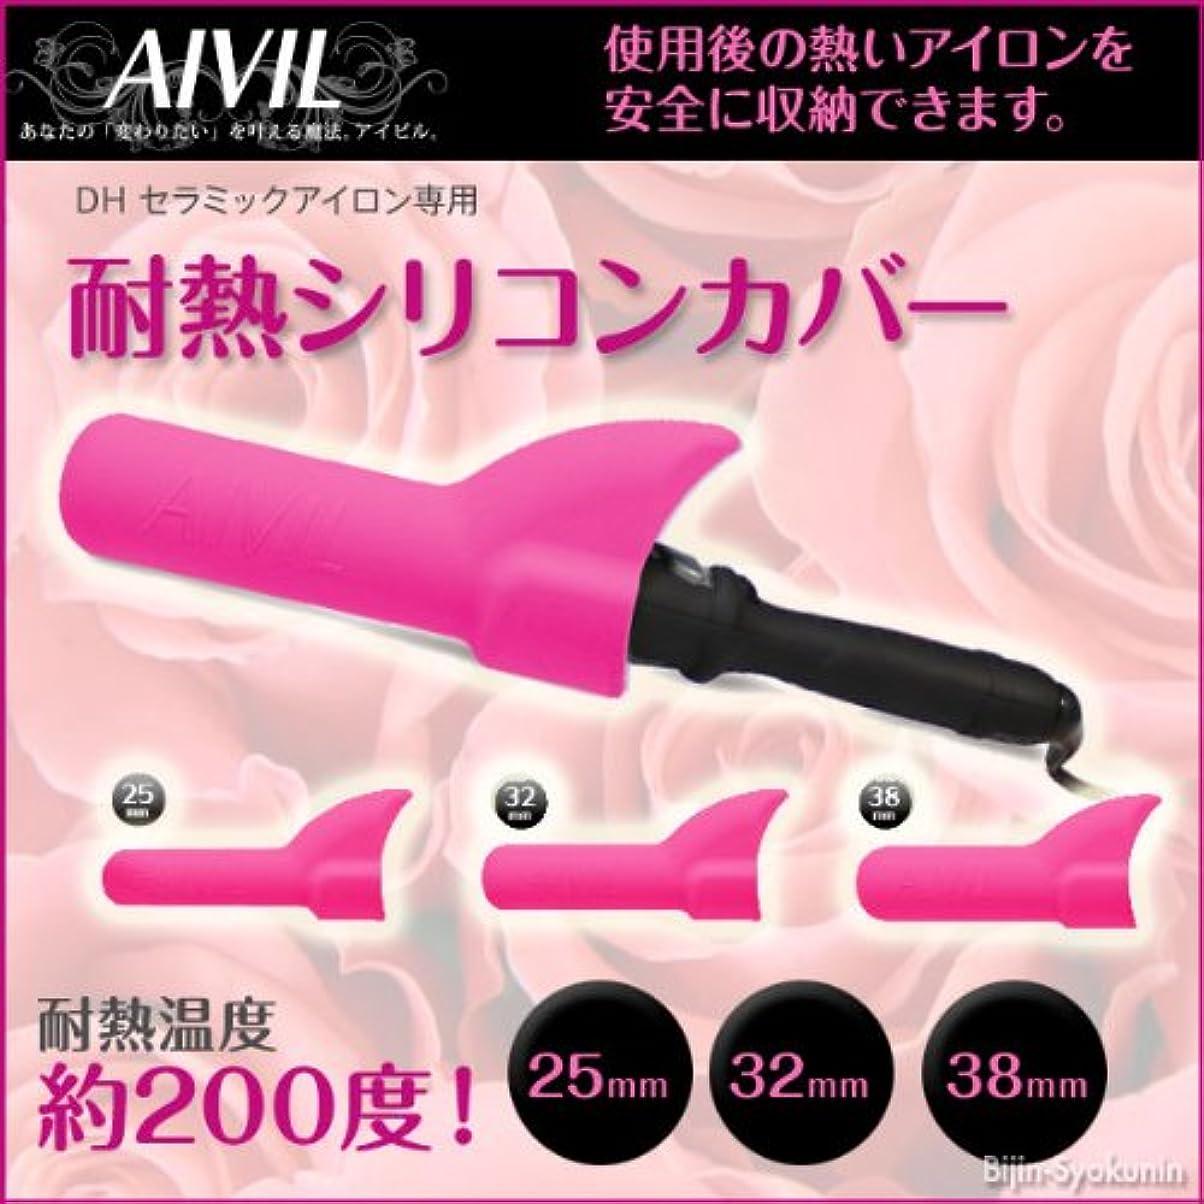 石油作ります艶アイビル 耐熱シリコンカバー32mm【ピンク】